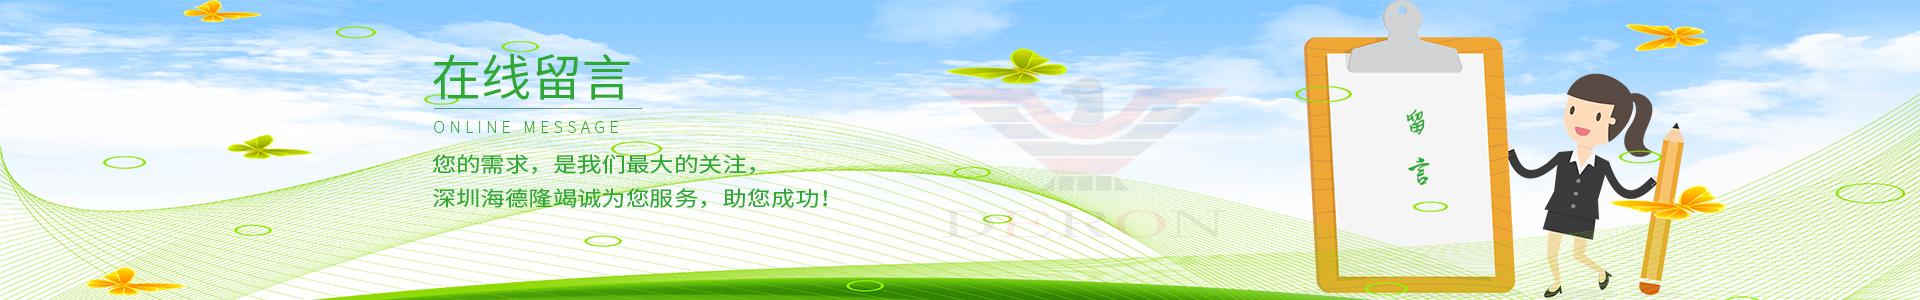 深圳海德隆废气处理设备需求在线留言